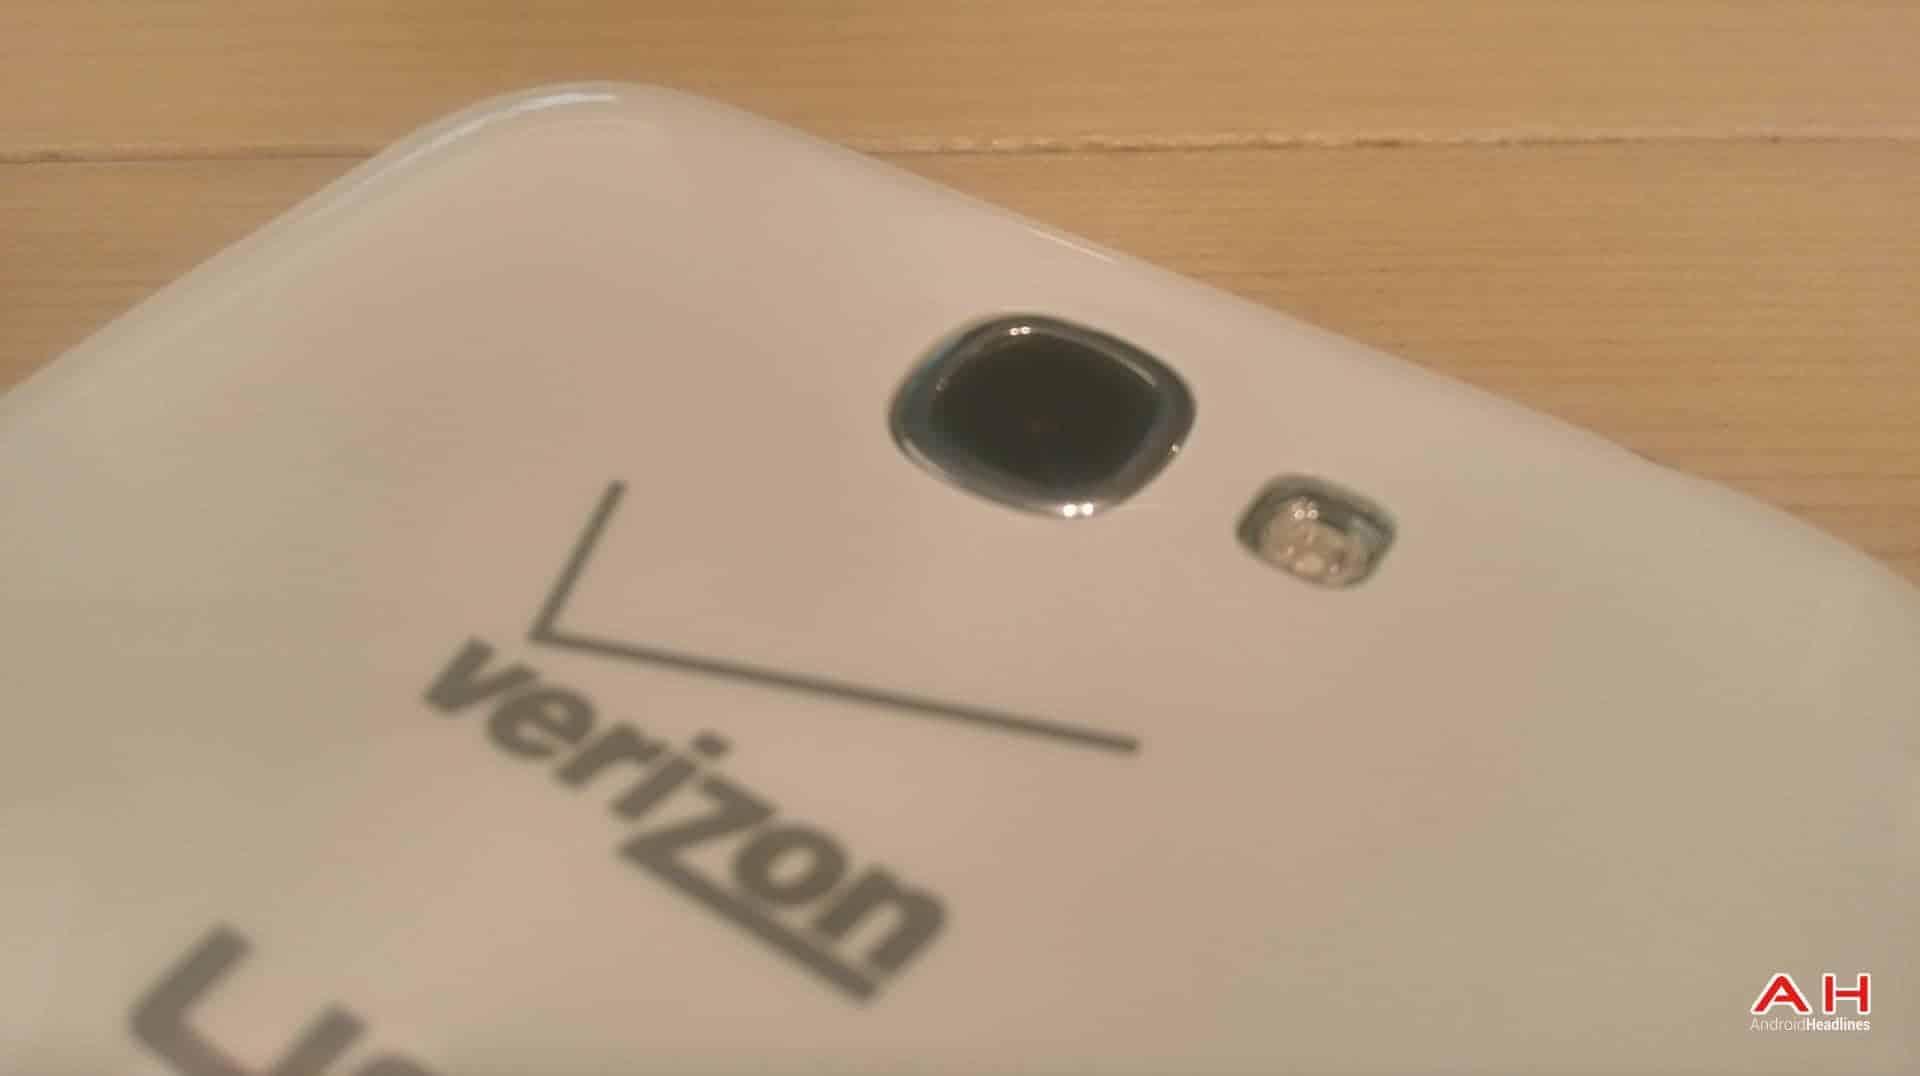 AH Galaxy Note II 2